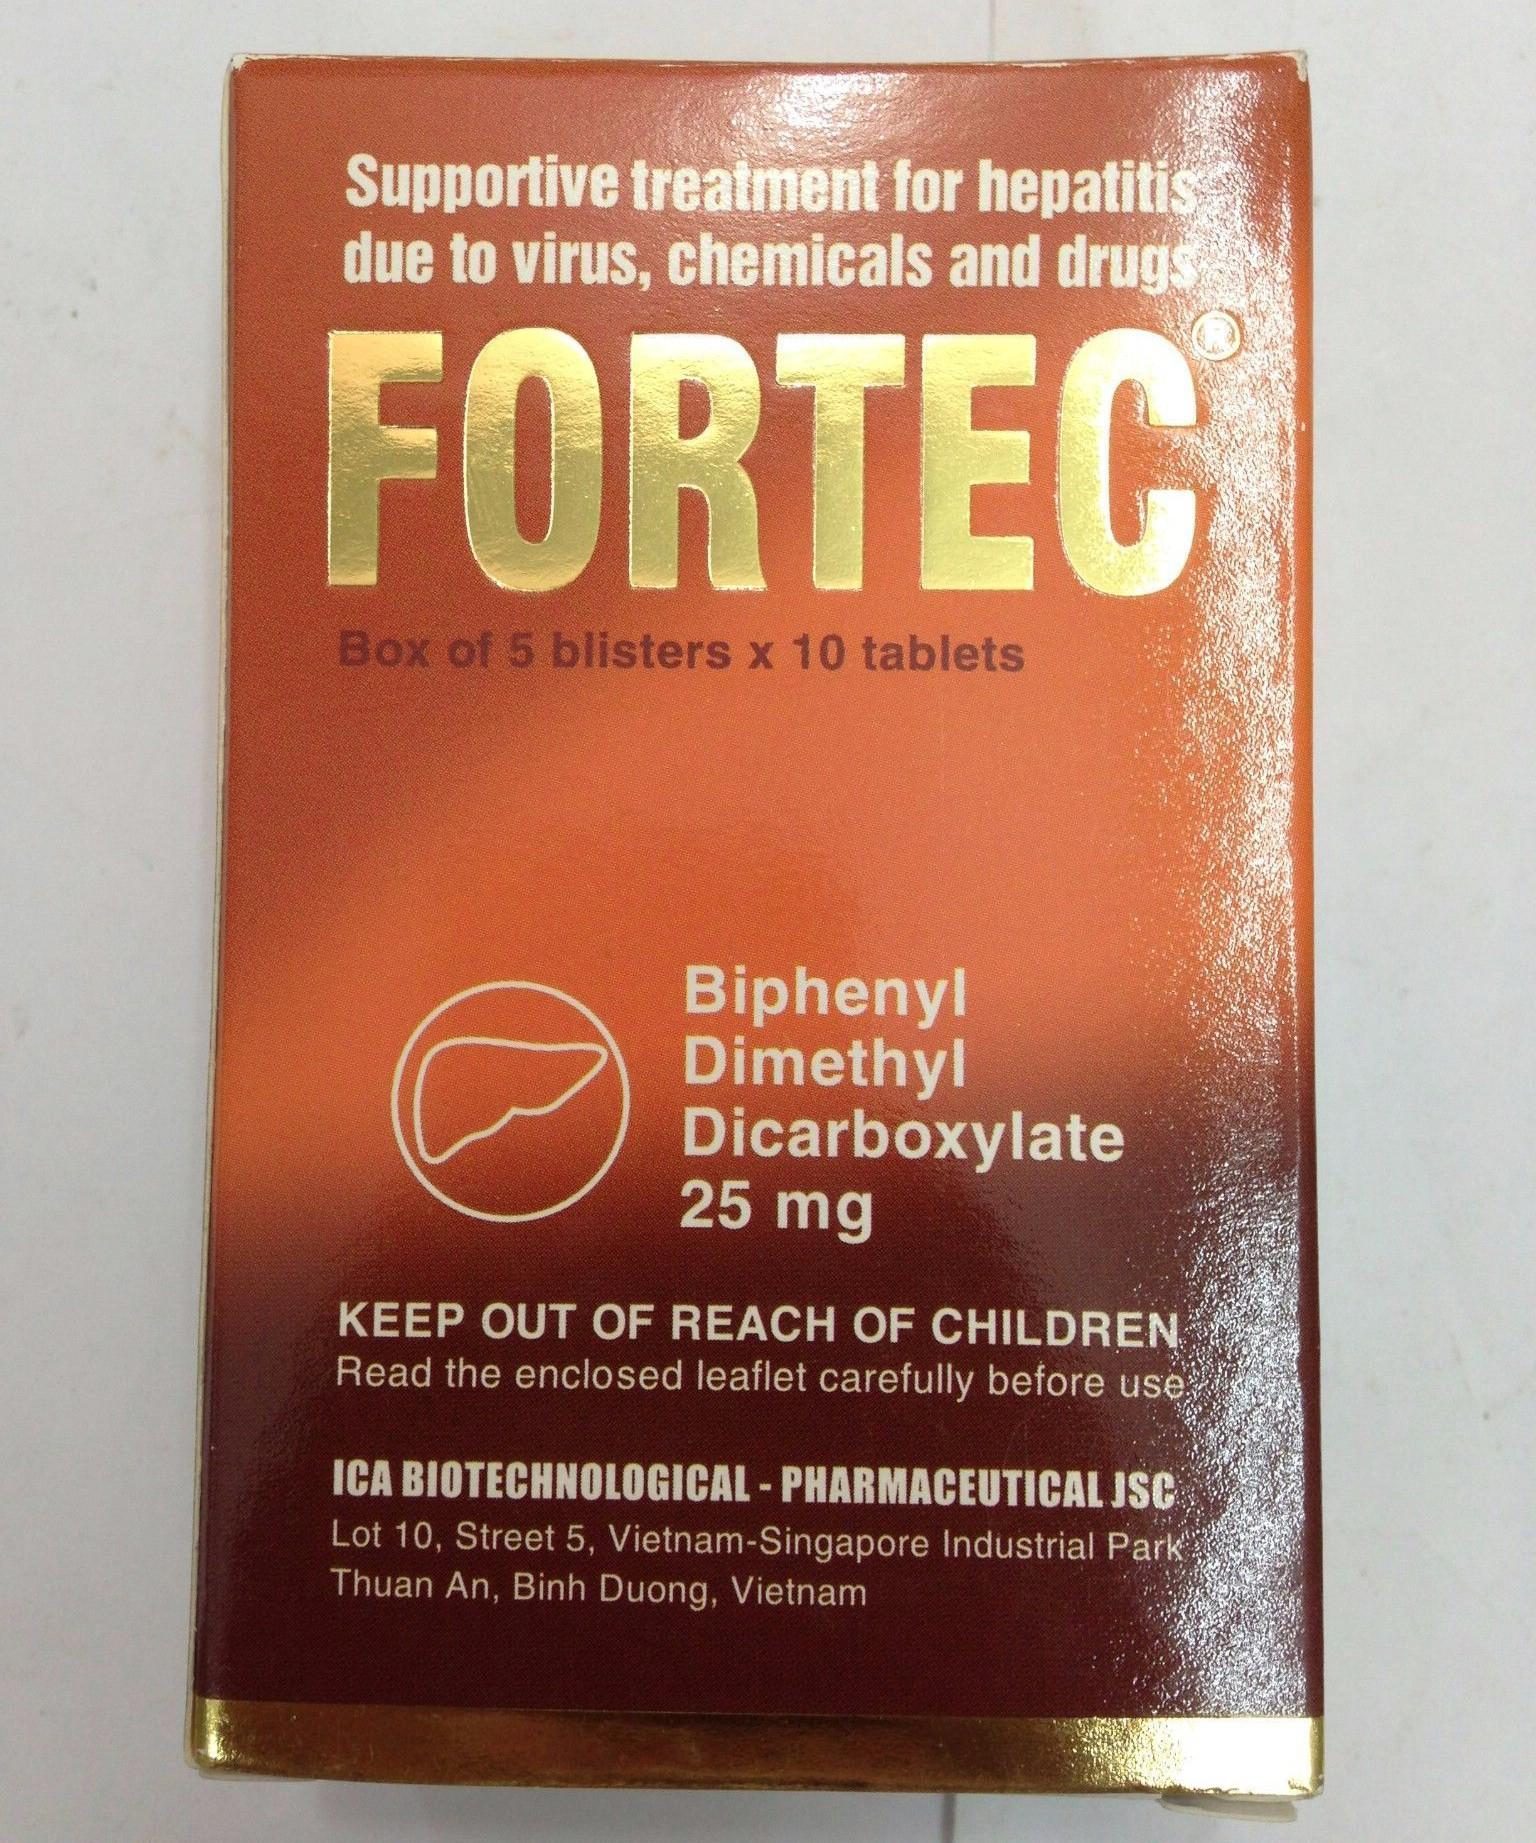 Những thận trọng trước khi dùng thuốc Fortec® 1